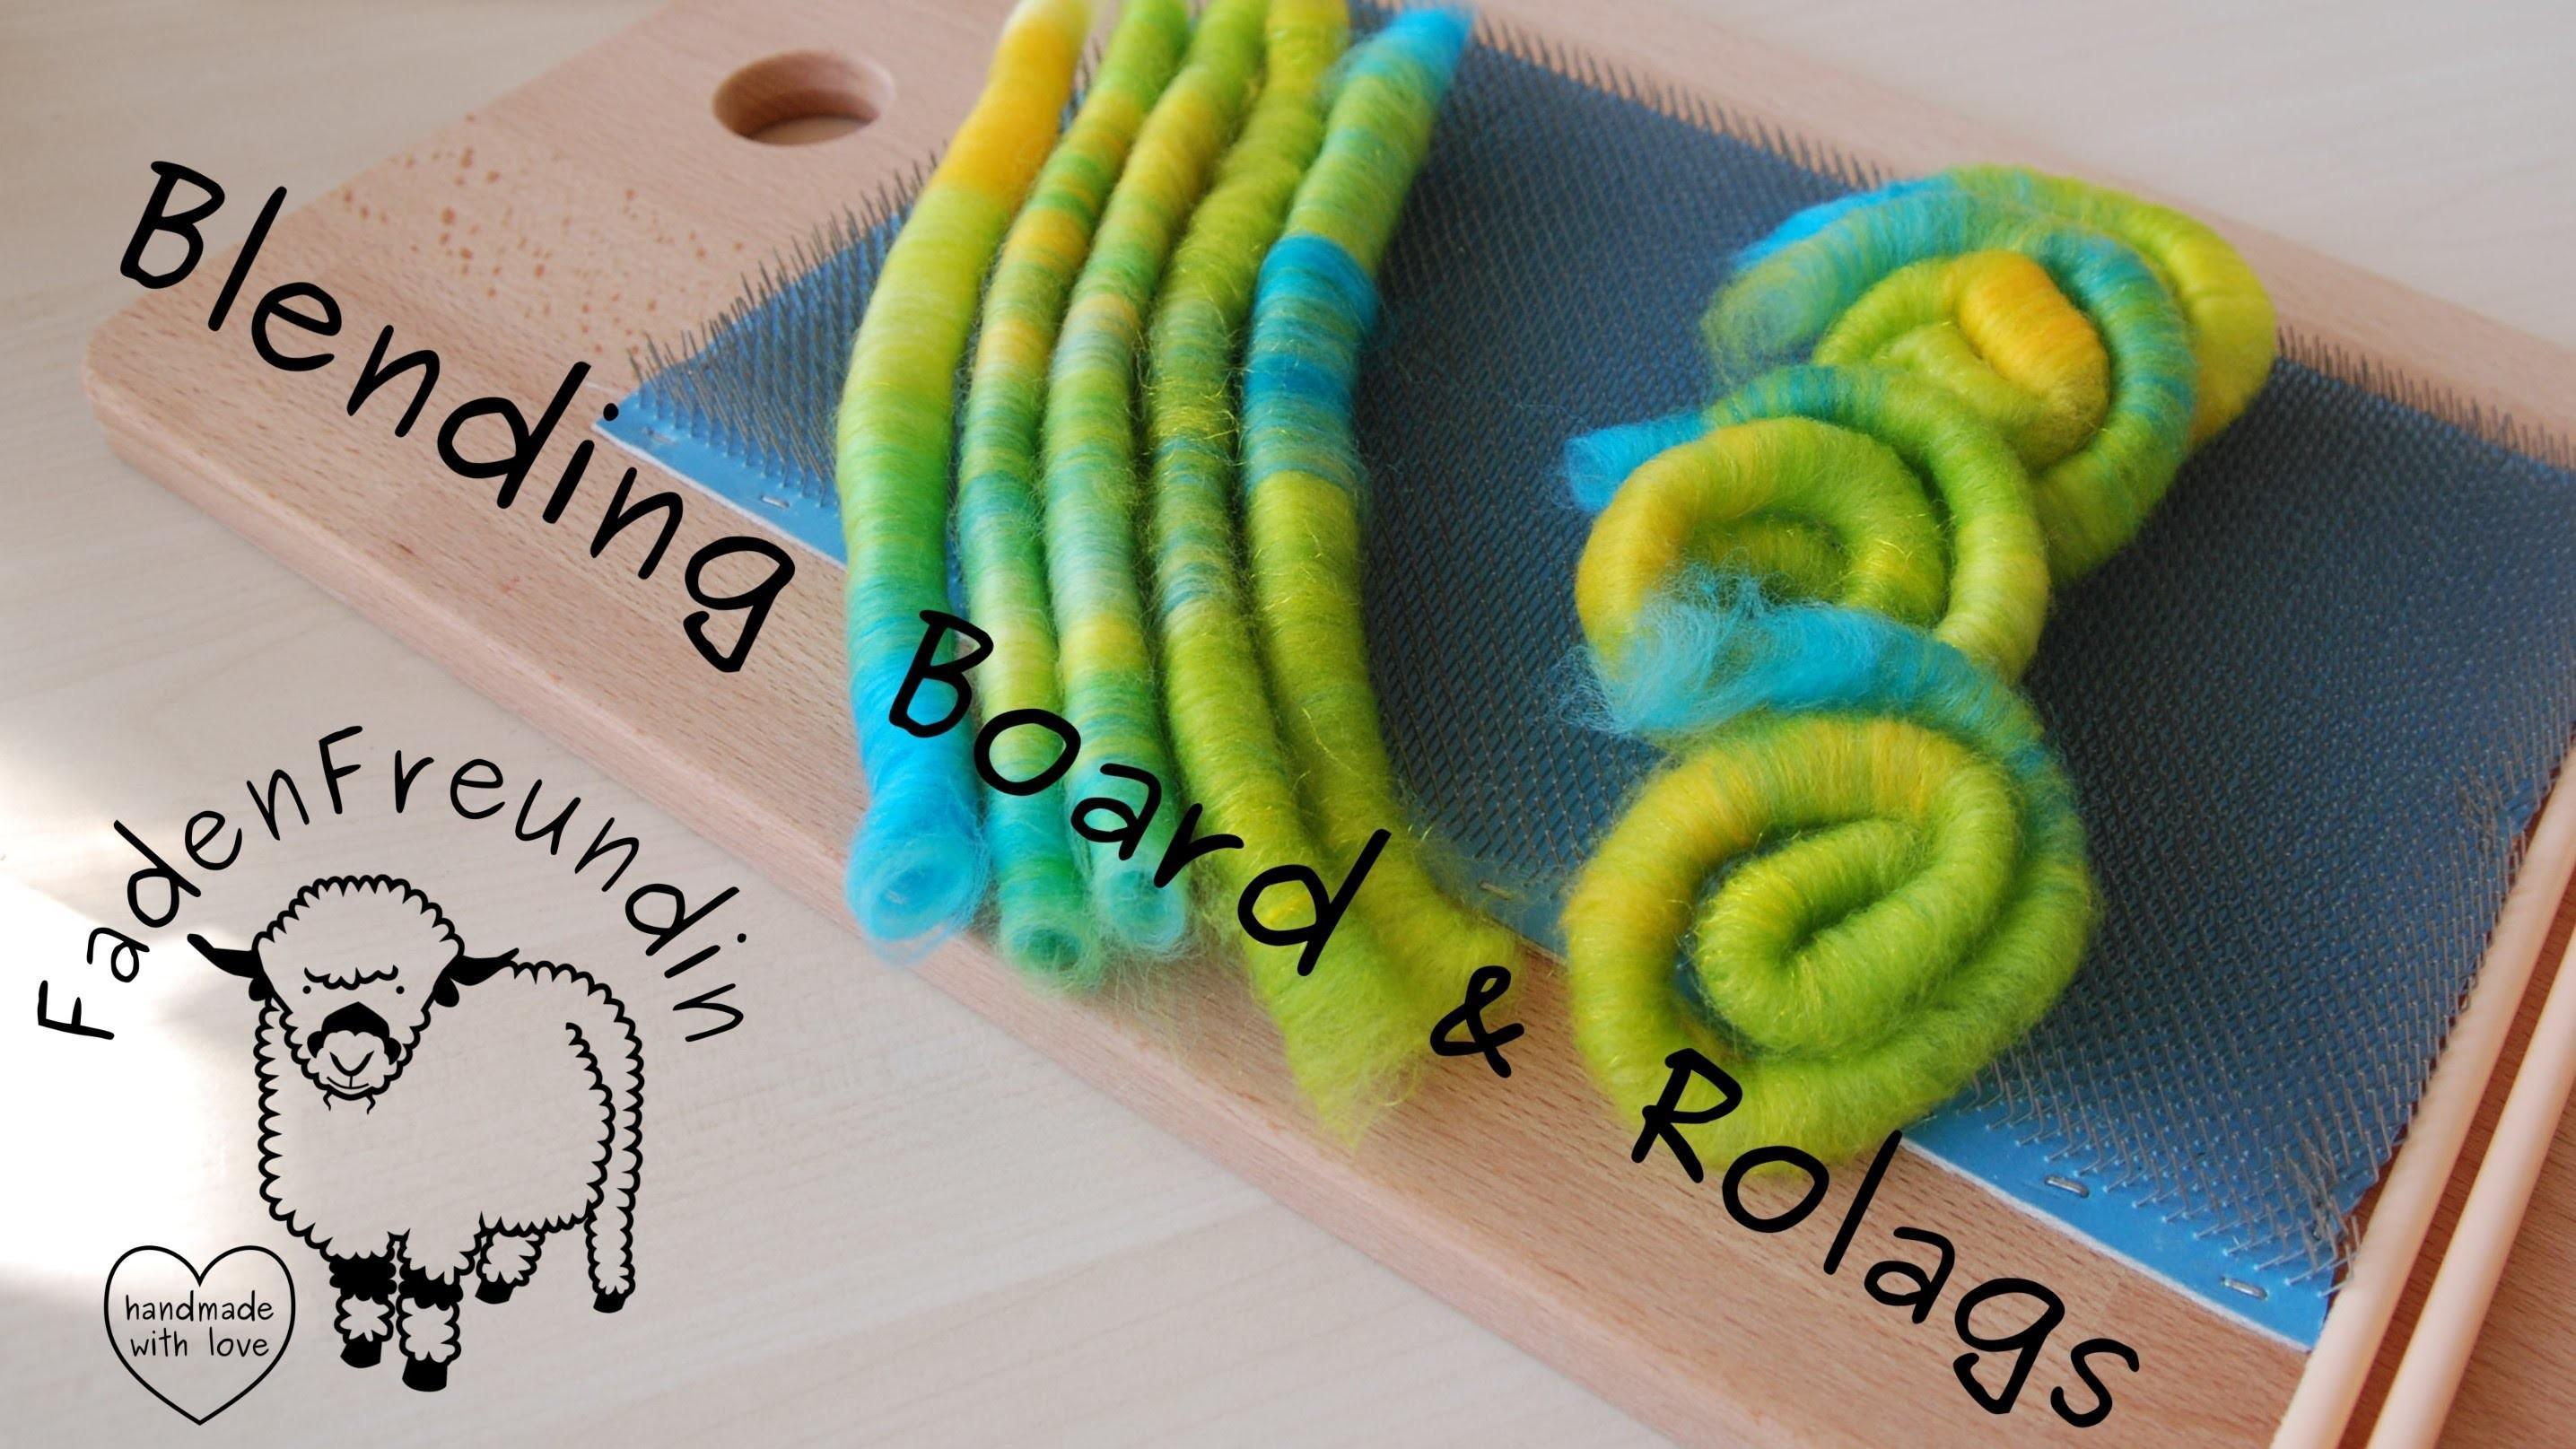 Kardierbrett - Blending Board DIY & Rolags herstellen (Wolle Spinnen)